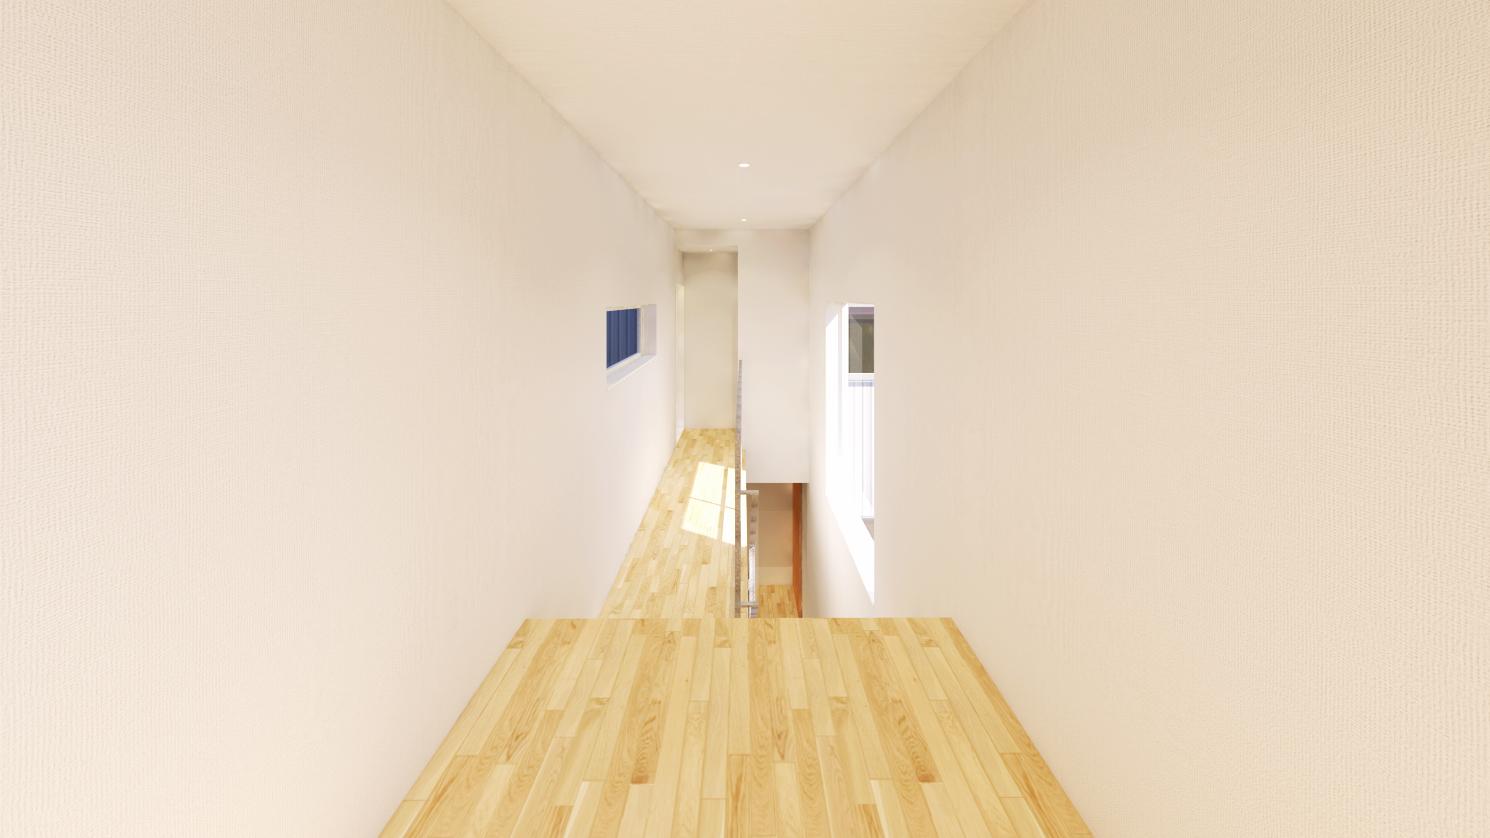 新潟市西区青山オープンハウス、上層の玄関から入り、下層のLDKへと進む廊下。